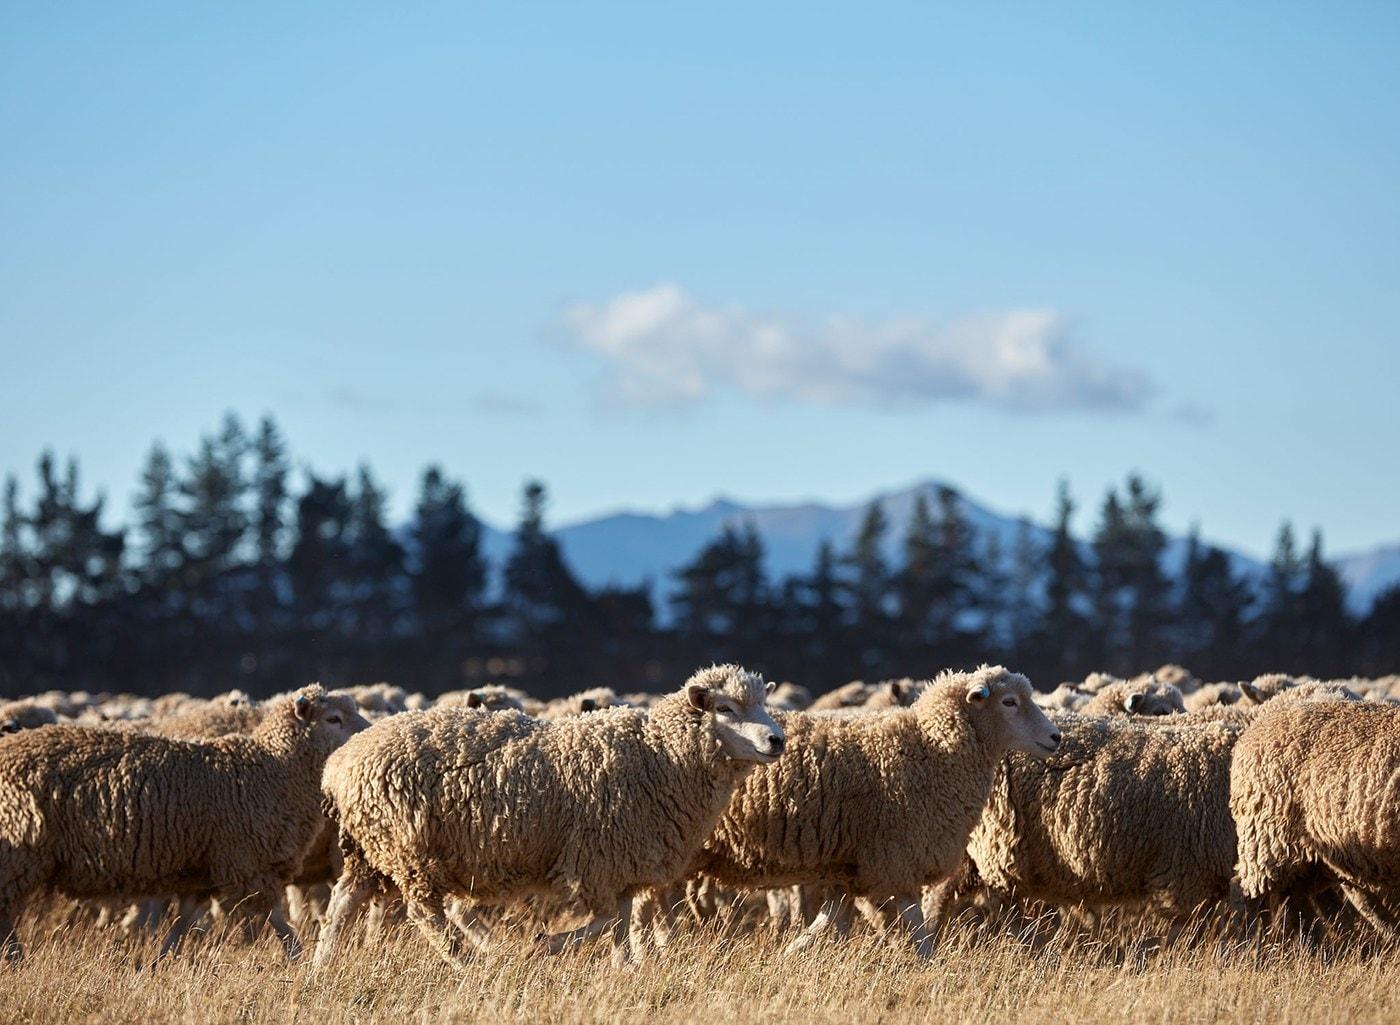 Kudde schapen graast in de zon, met bomen en bergen op de achtergrond